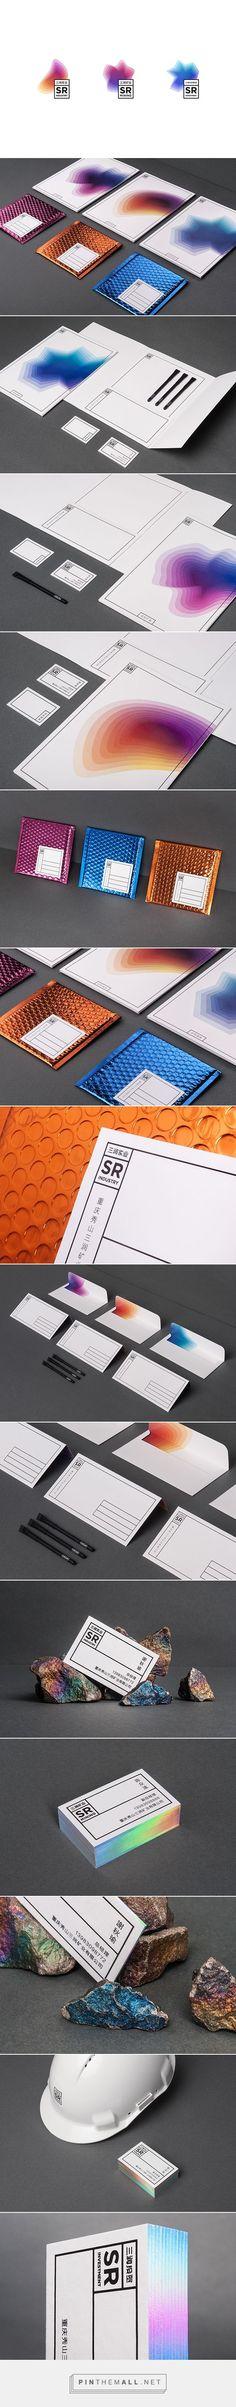 У упаковки хороший прием: дикий цвет + спокойная этикетка. Ещё меня тут привлек торец визитки, спокойная верстка и дикий нюанс